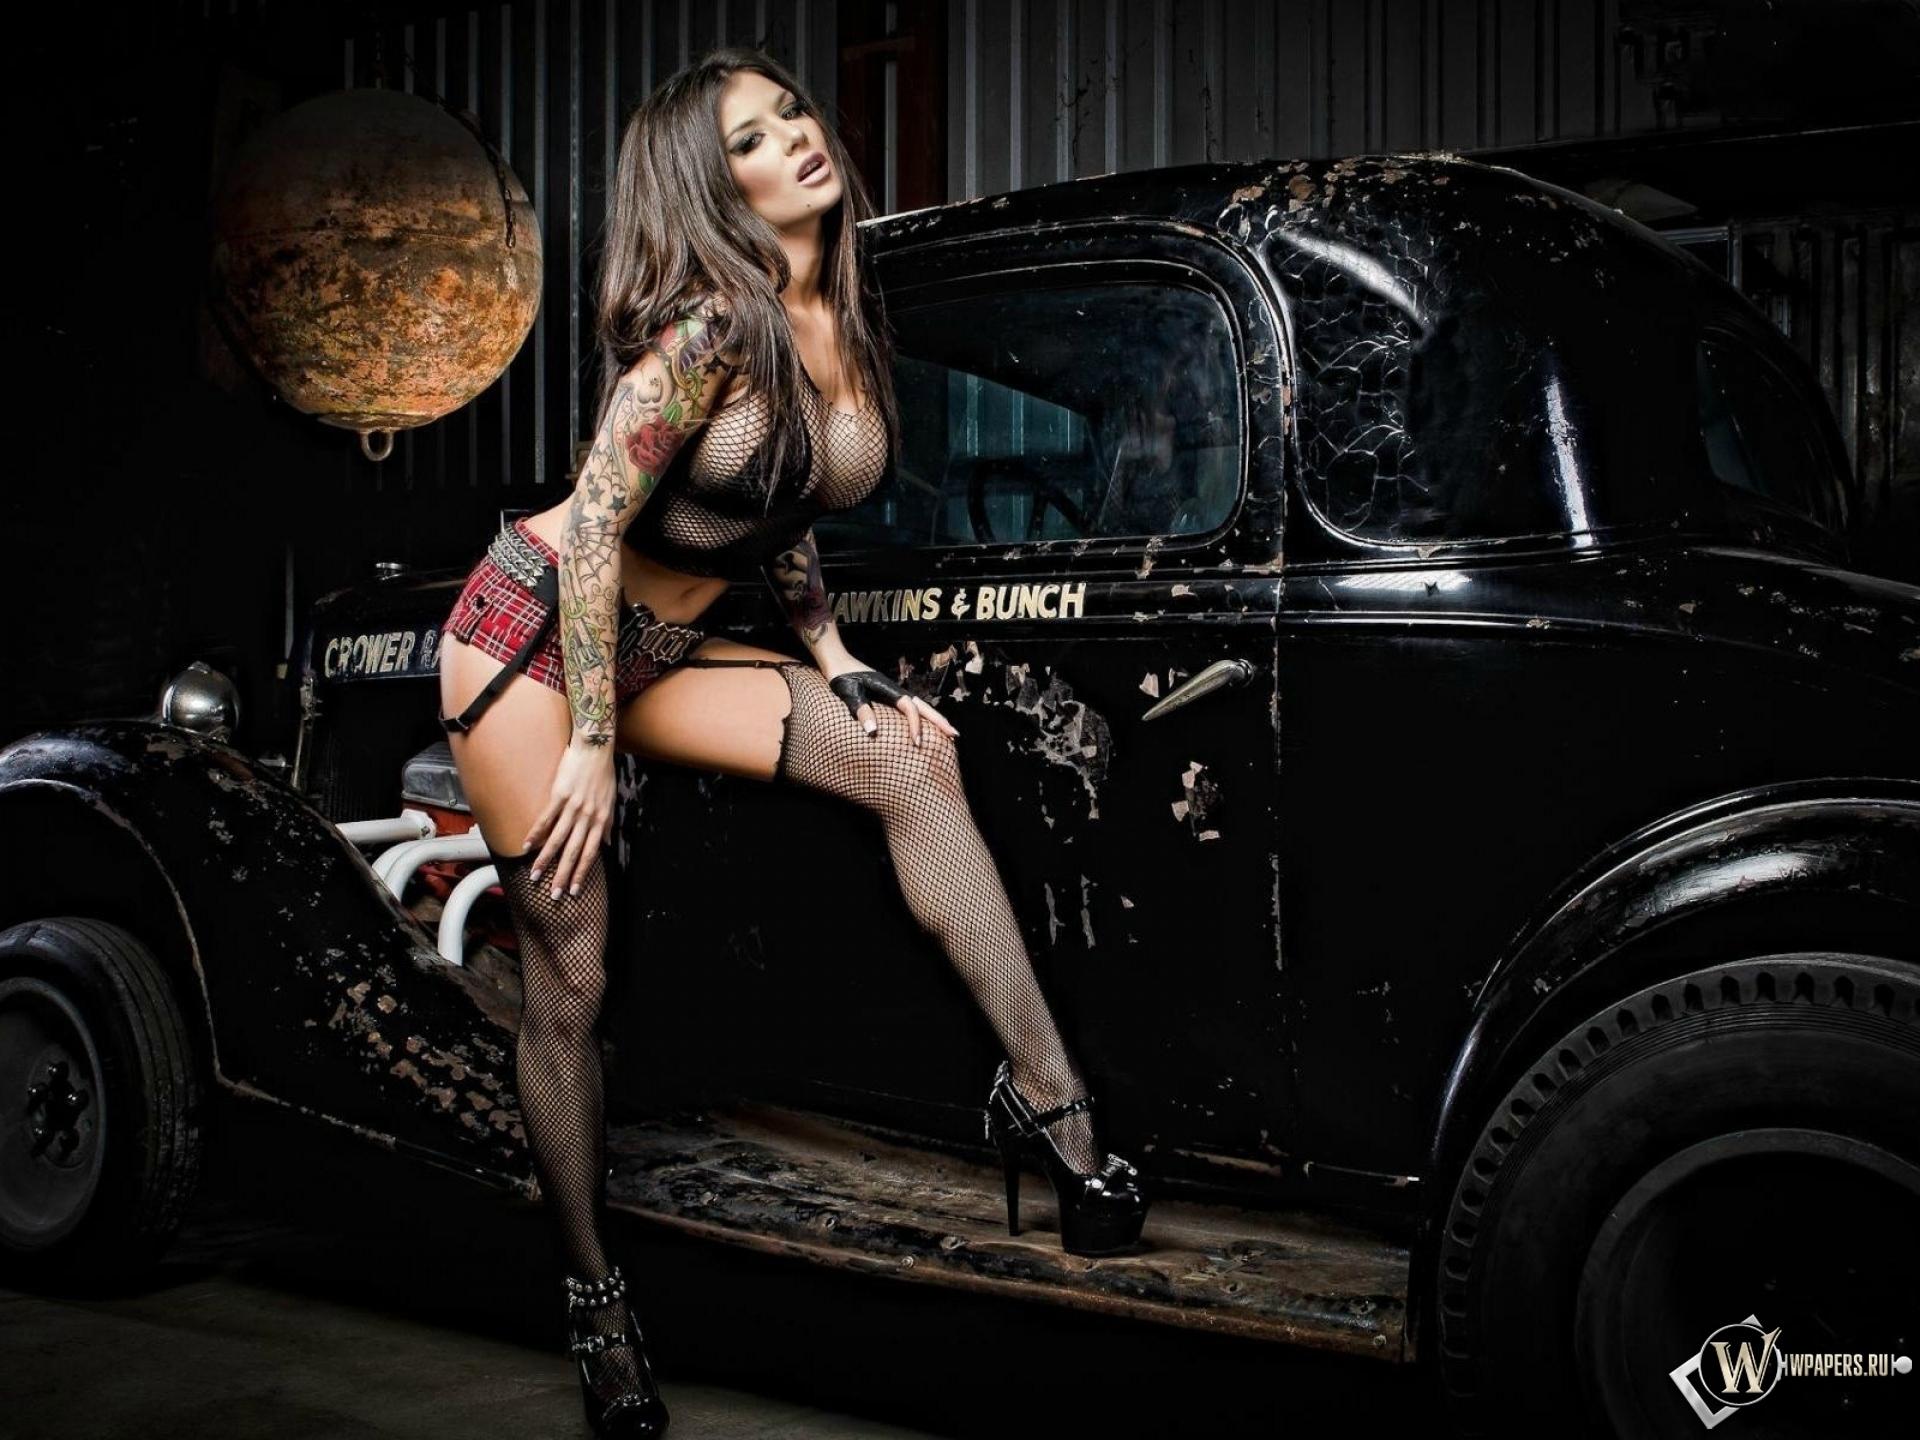 Сексуальные девушки в авто 17 фотография